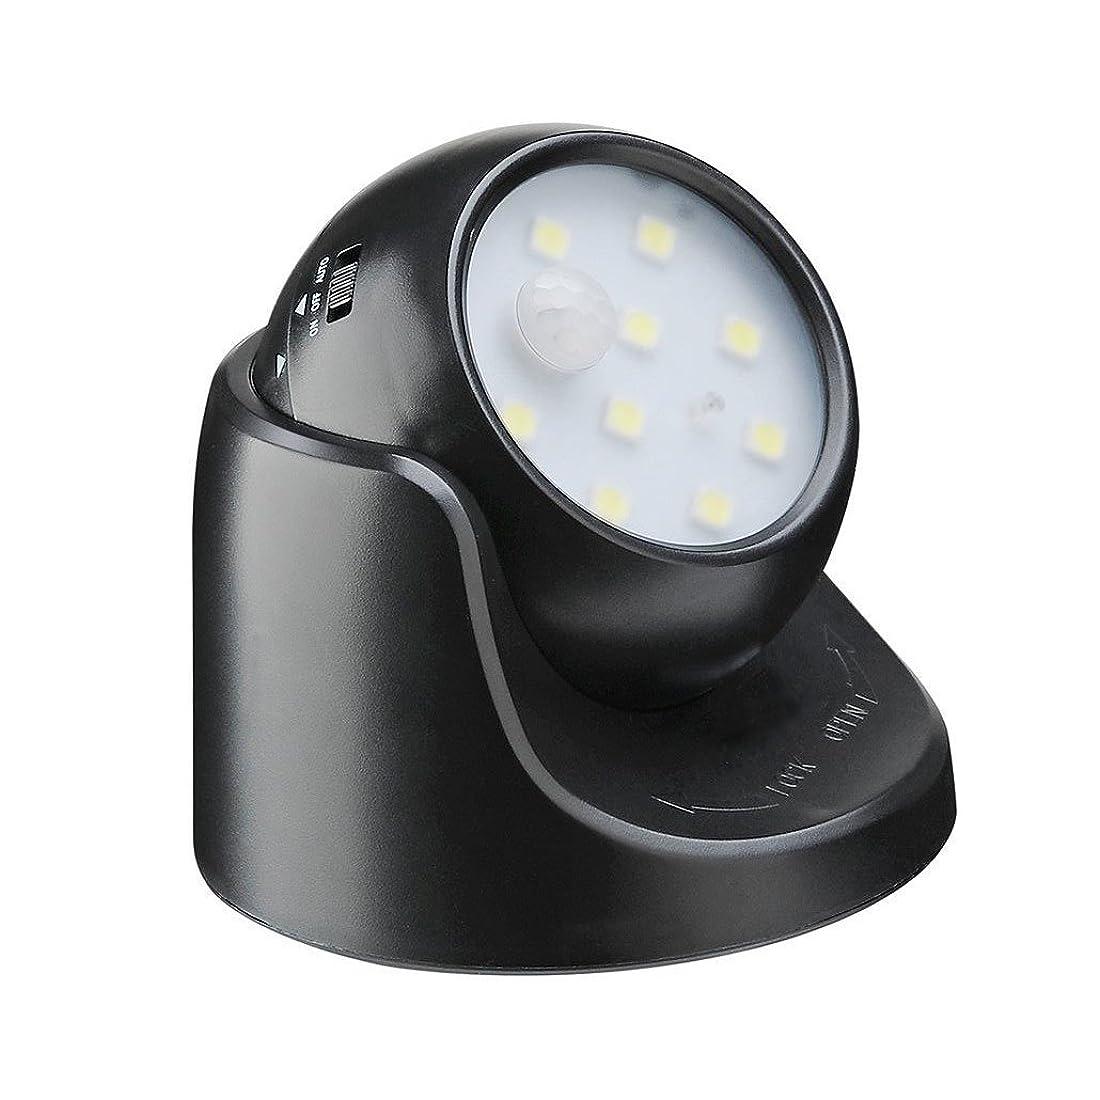 無数の警告インポートlifepower 人感センサーライト 光センサー搭載 乾電池給電 取付簡単 廊下センサーライト 常時点灯/センサー点灯2モード設置可 360度回転対応 9LED搭載 明るさ抜群